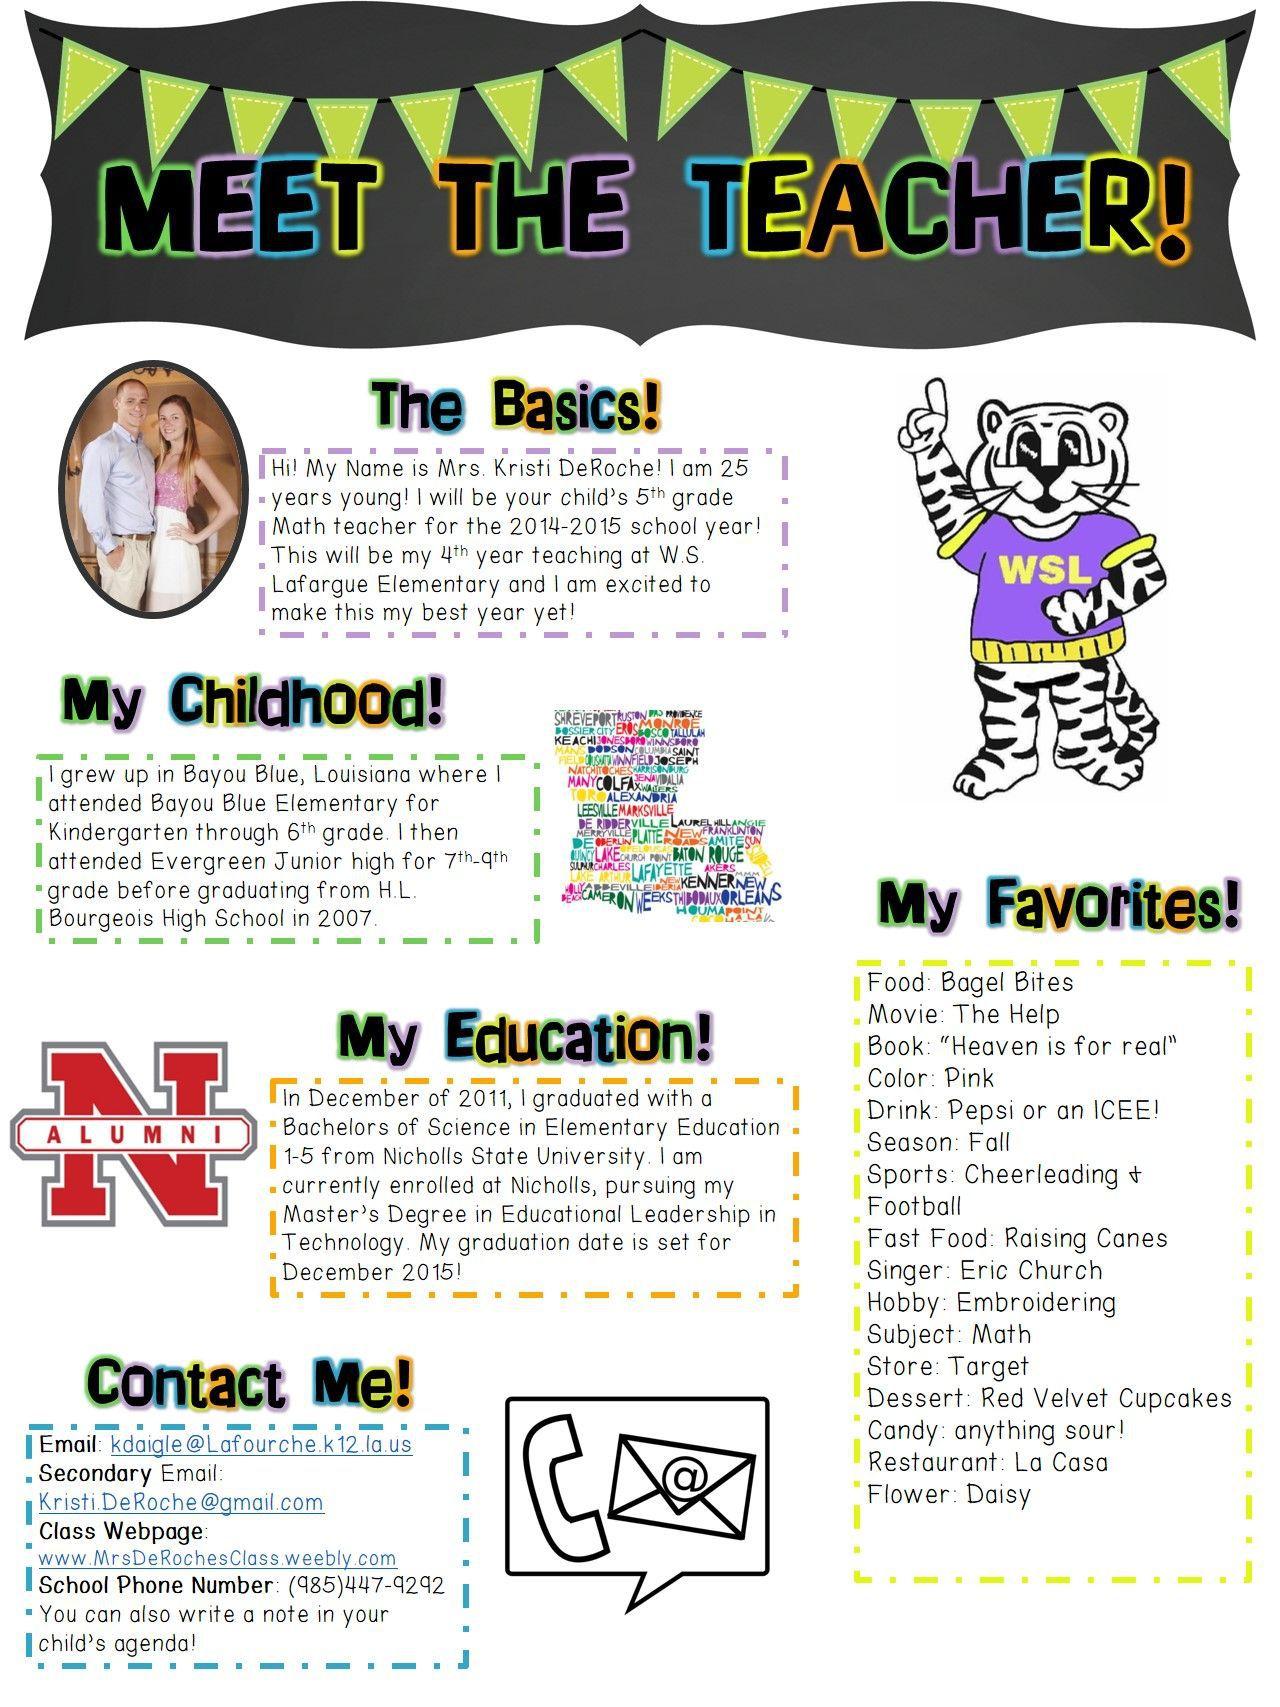 000 Surprising Newsletter Template For Teacher Highest Clarity  Teachers To Parent Free Printable DigitalFull